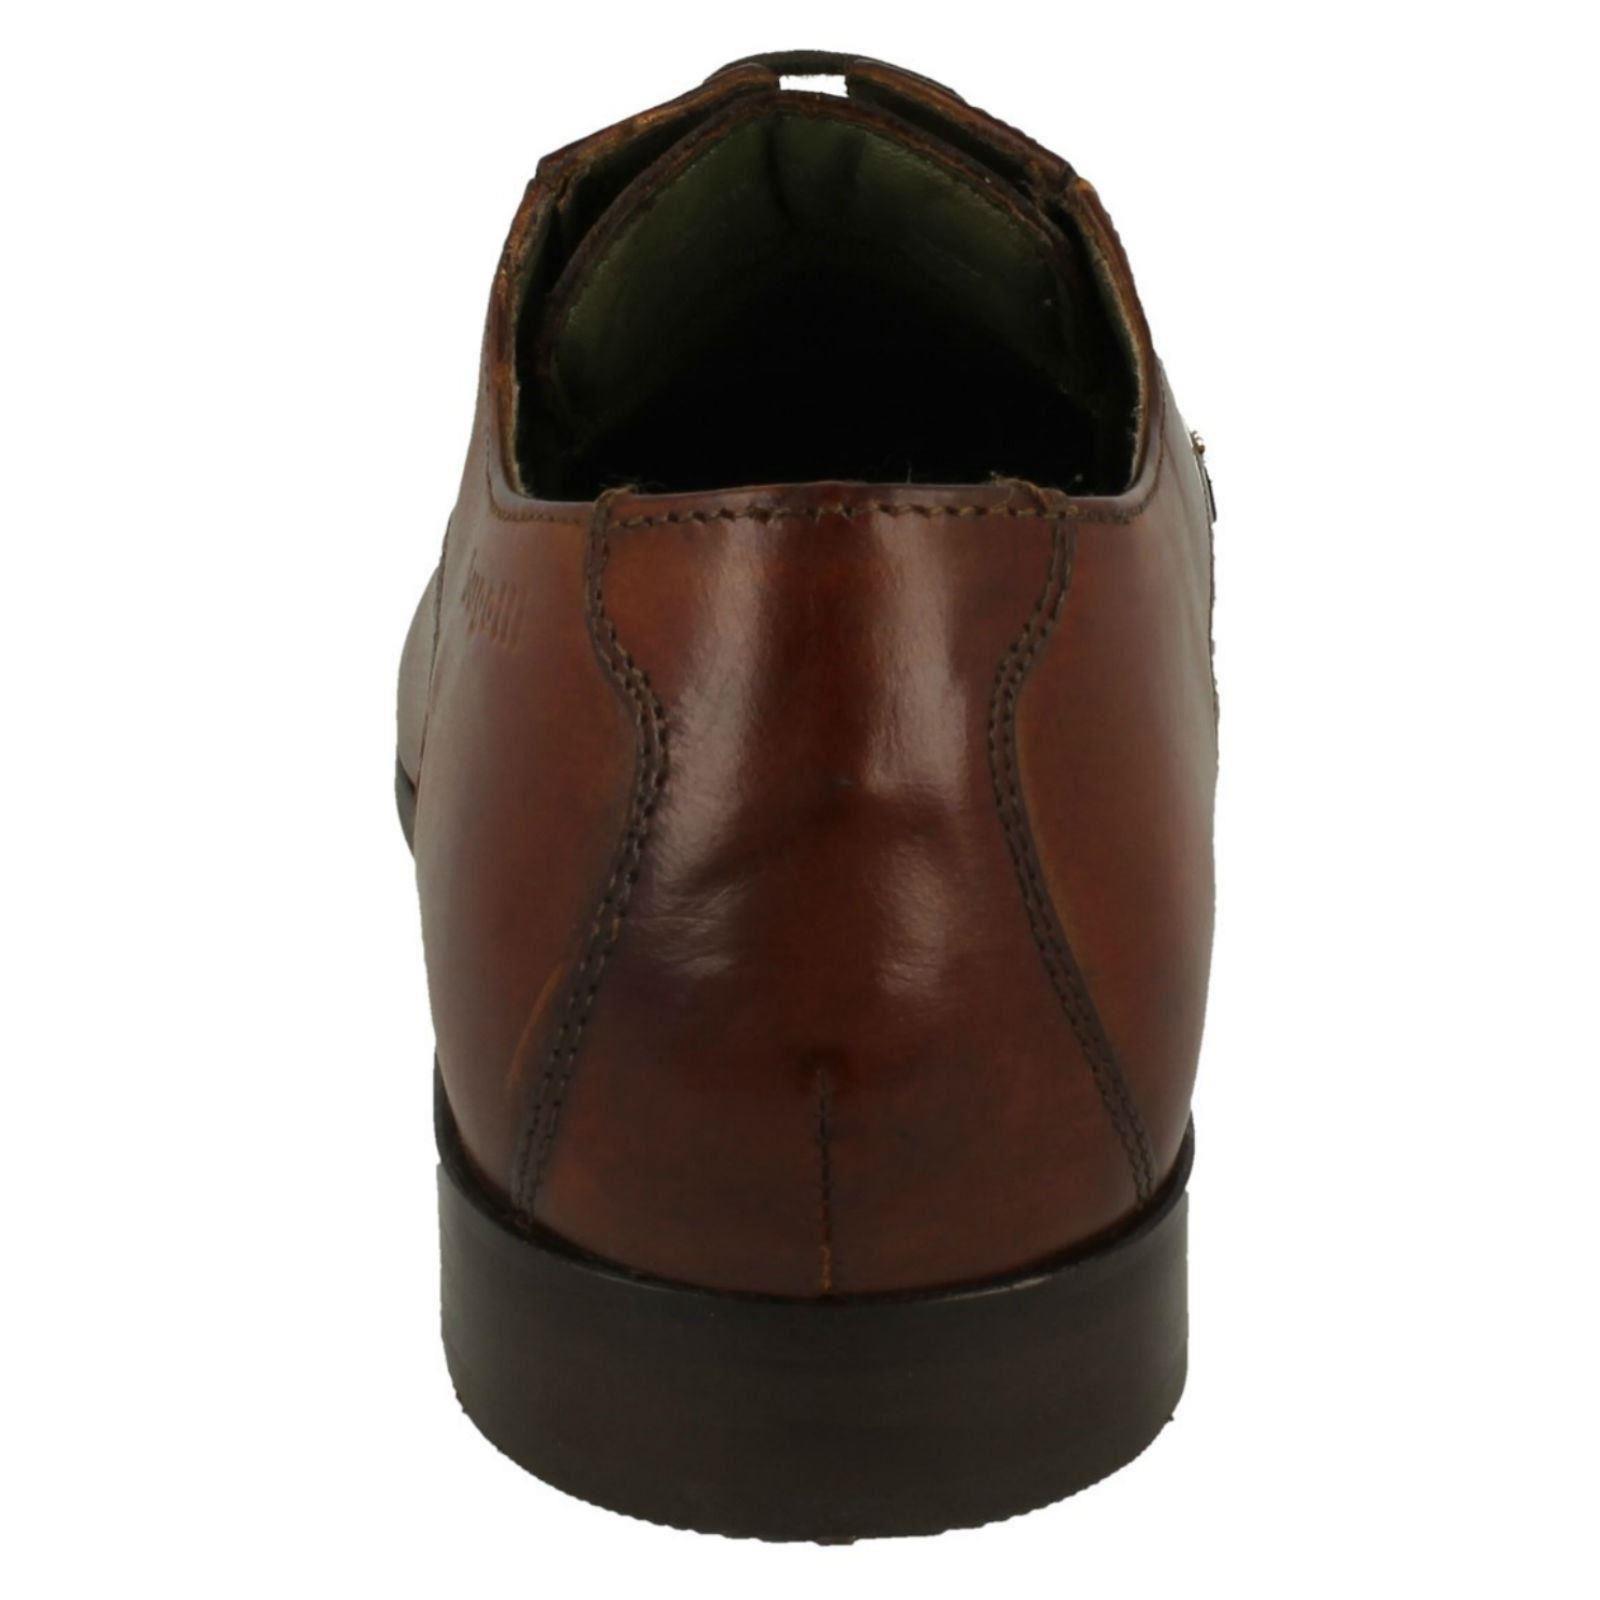 Herren Bugatti Schuhes Formal Lace Up Schuhes Bugatti - 311-41901-1100-6300 2b82aa